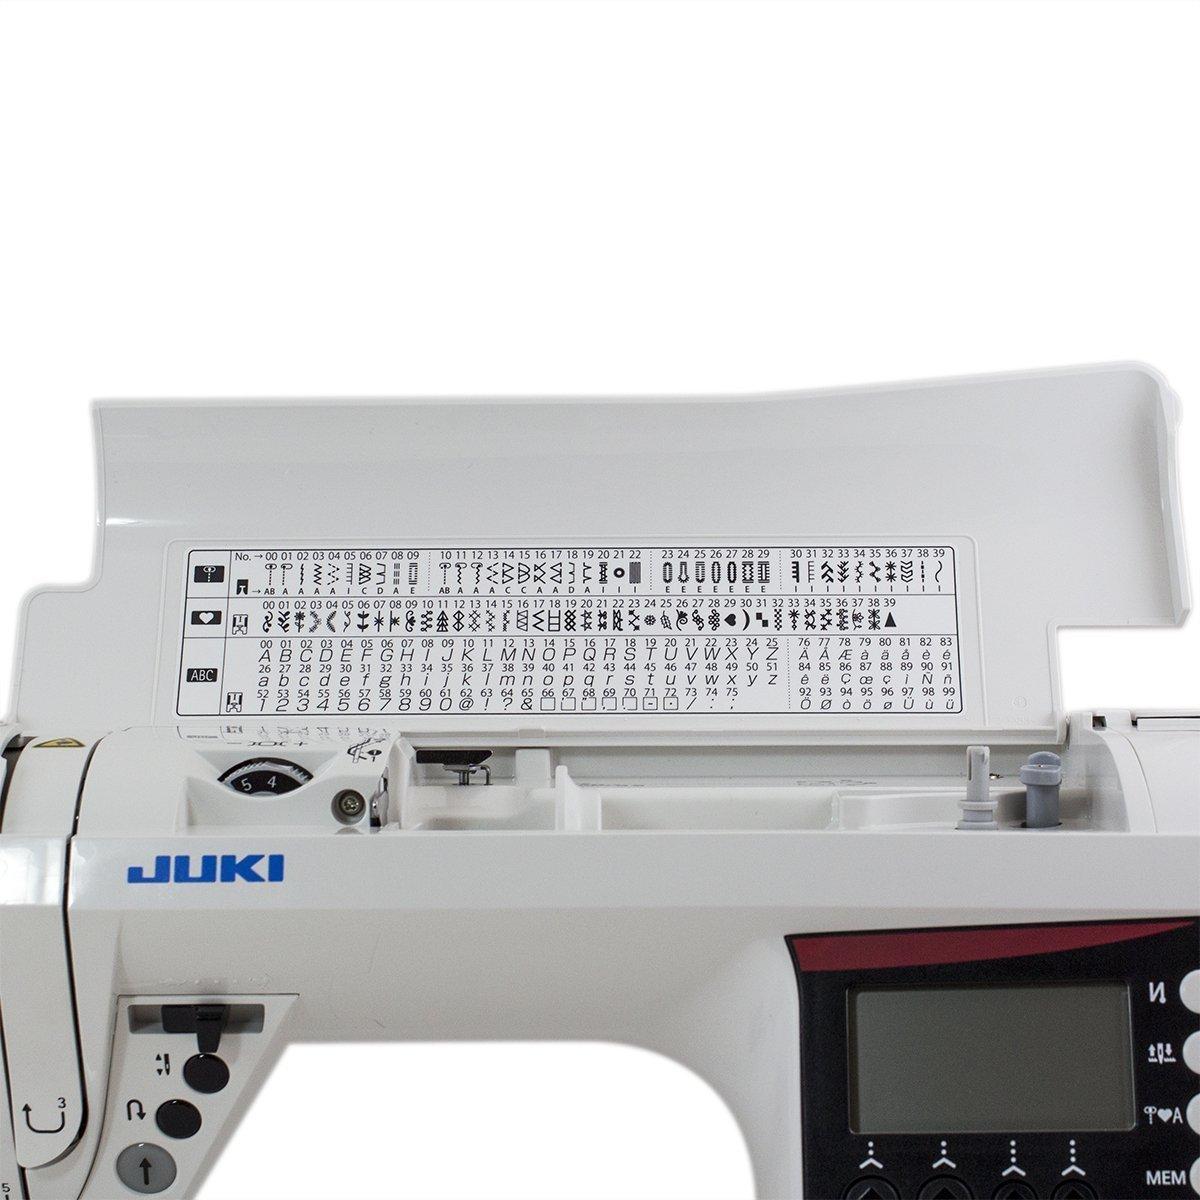 Máy may   JUKI nặng có nhiều khả năng máy Nhà máy may hzl-g110